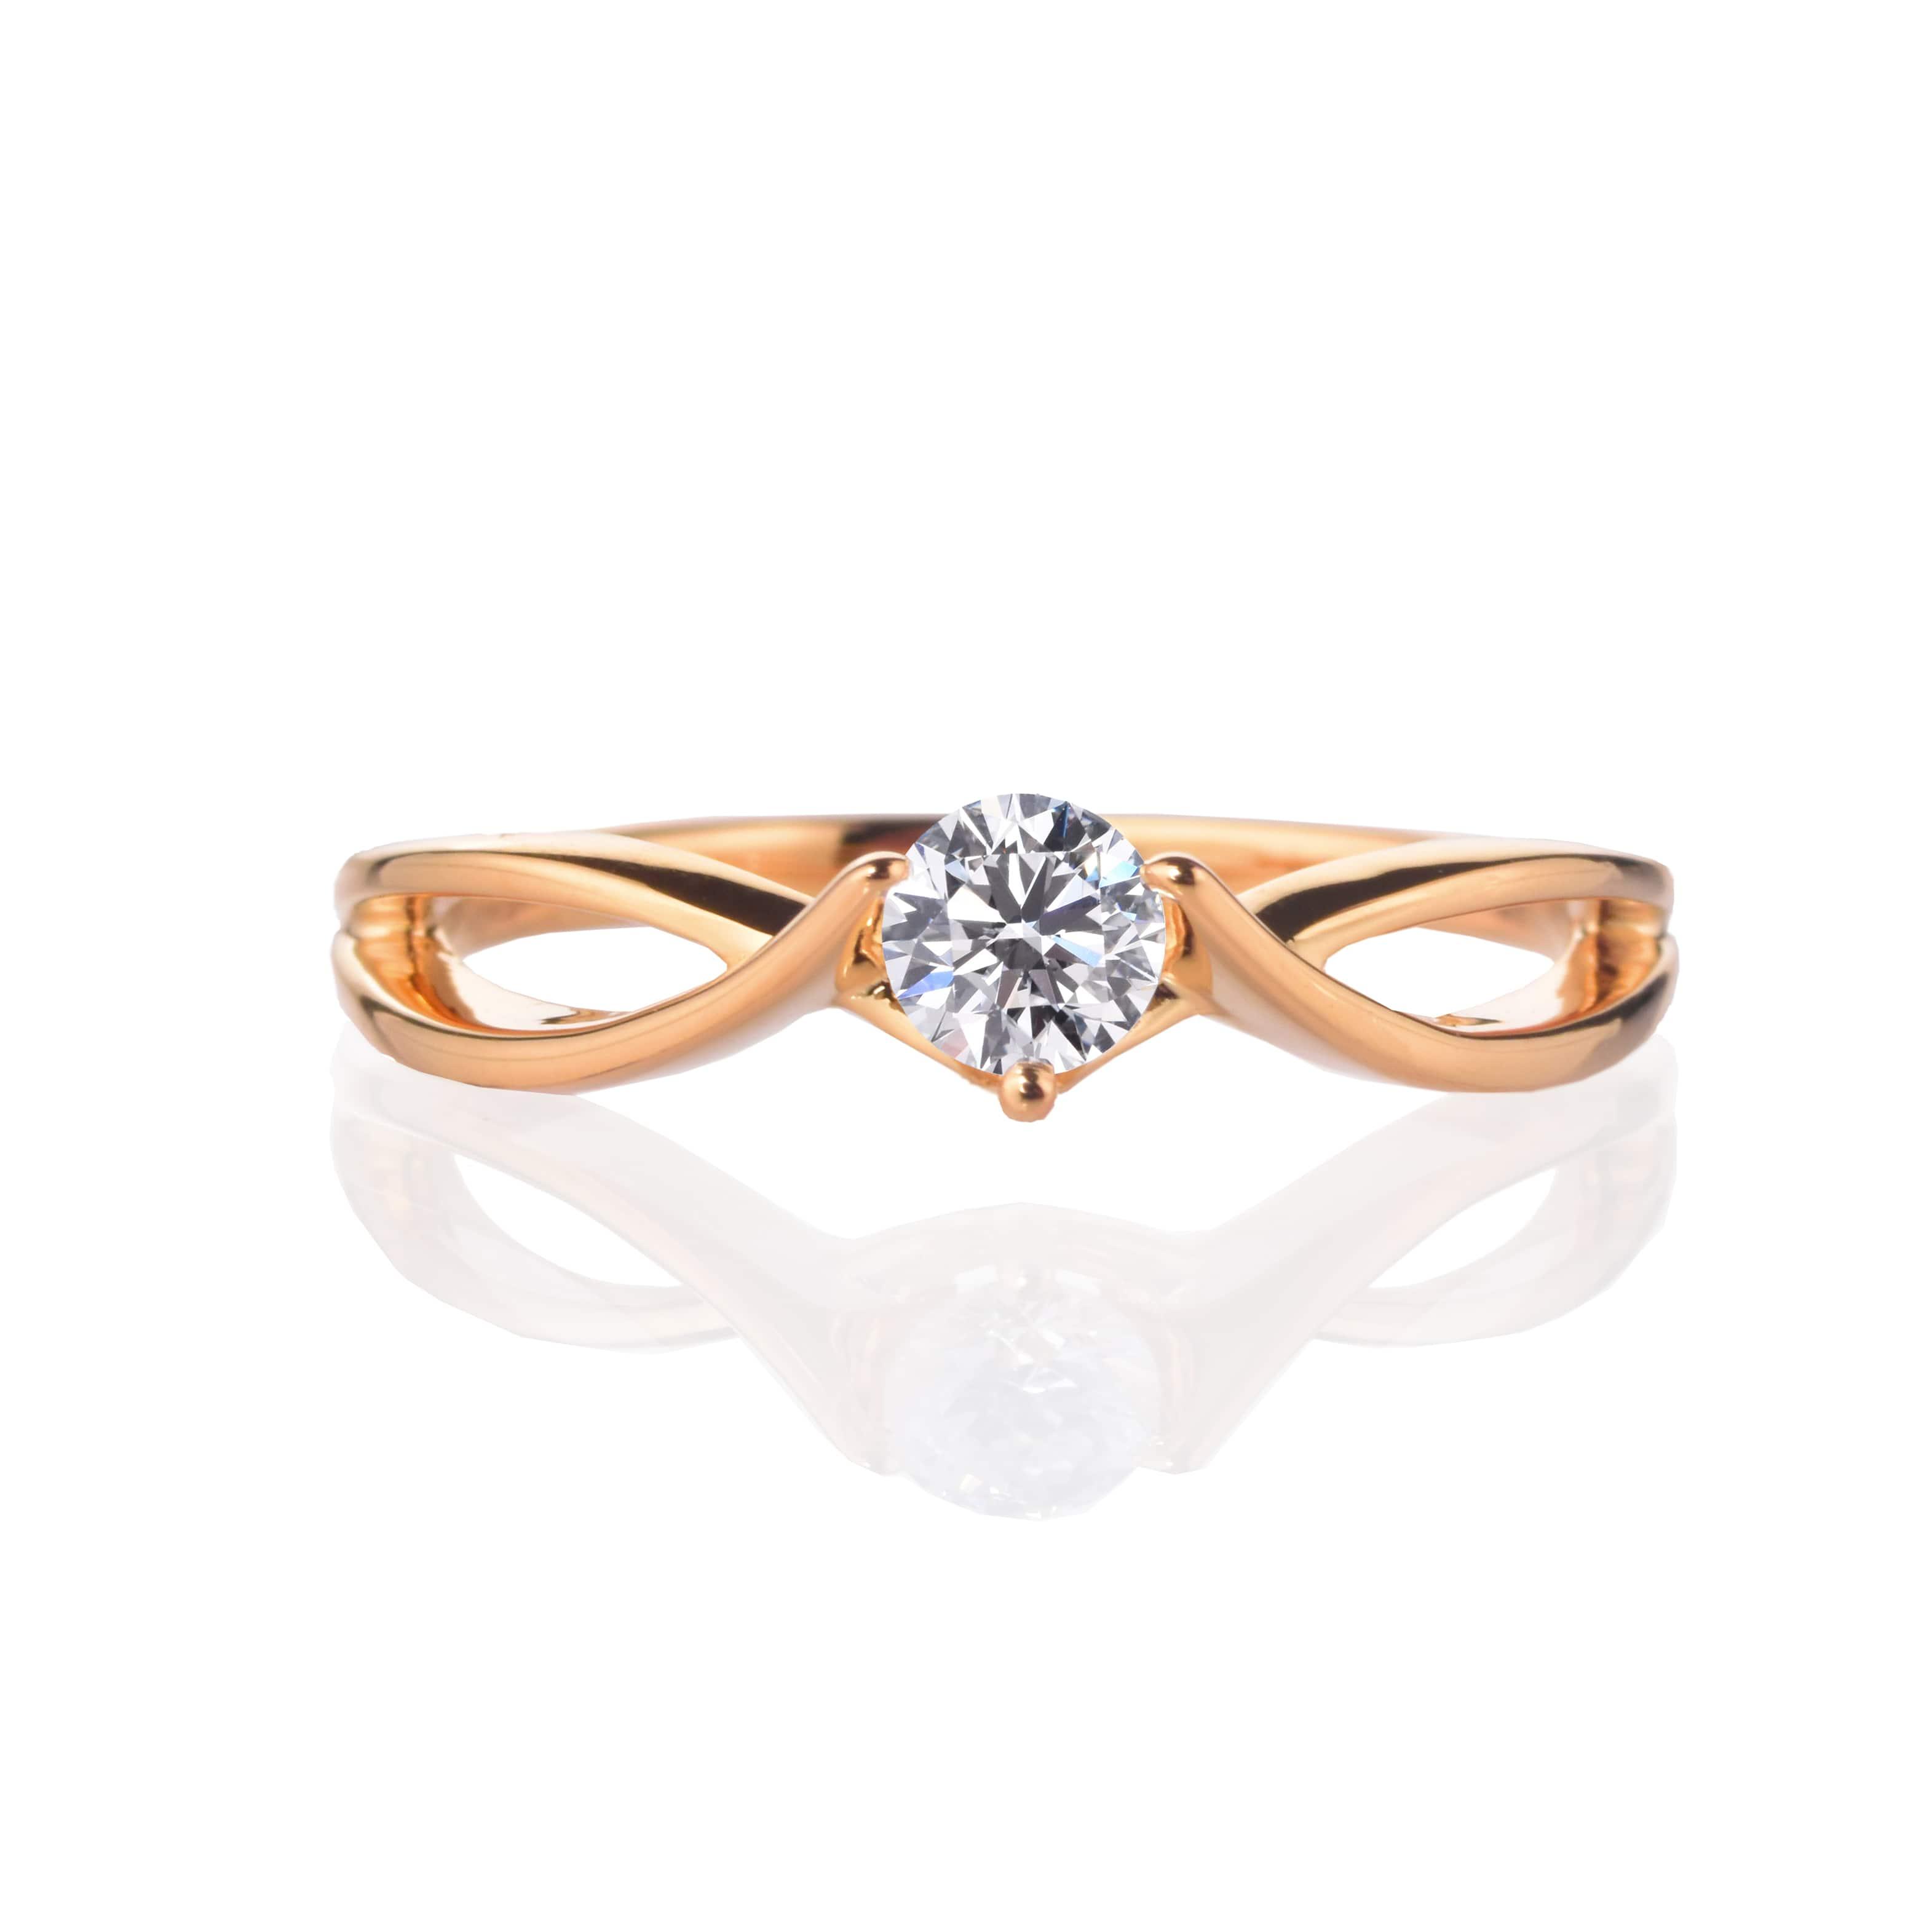 【プロポーズ用】【 0.20ct D SI2 EX】エンゲージリング 婚約指輪【RG200】